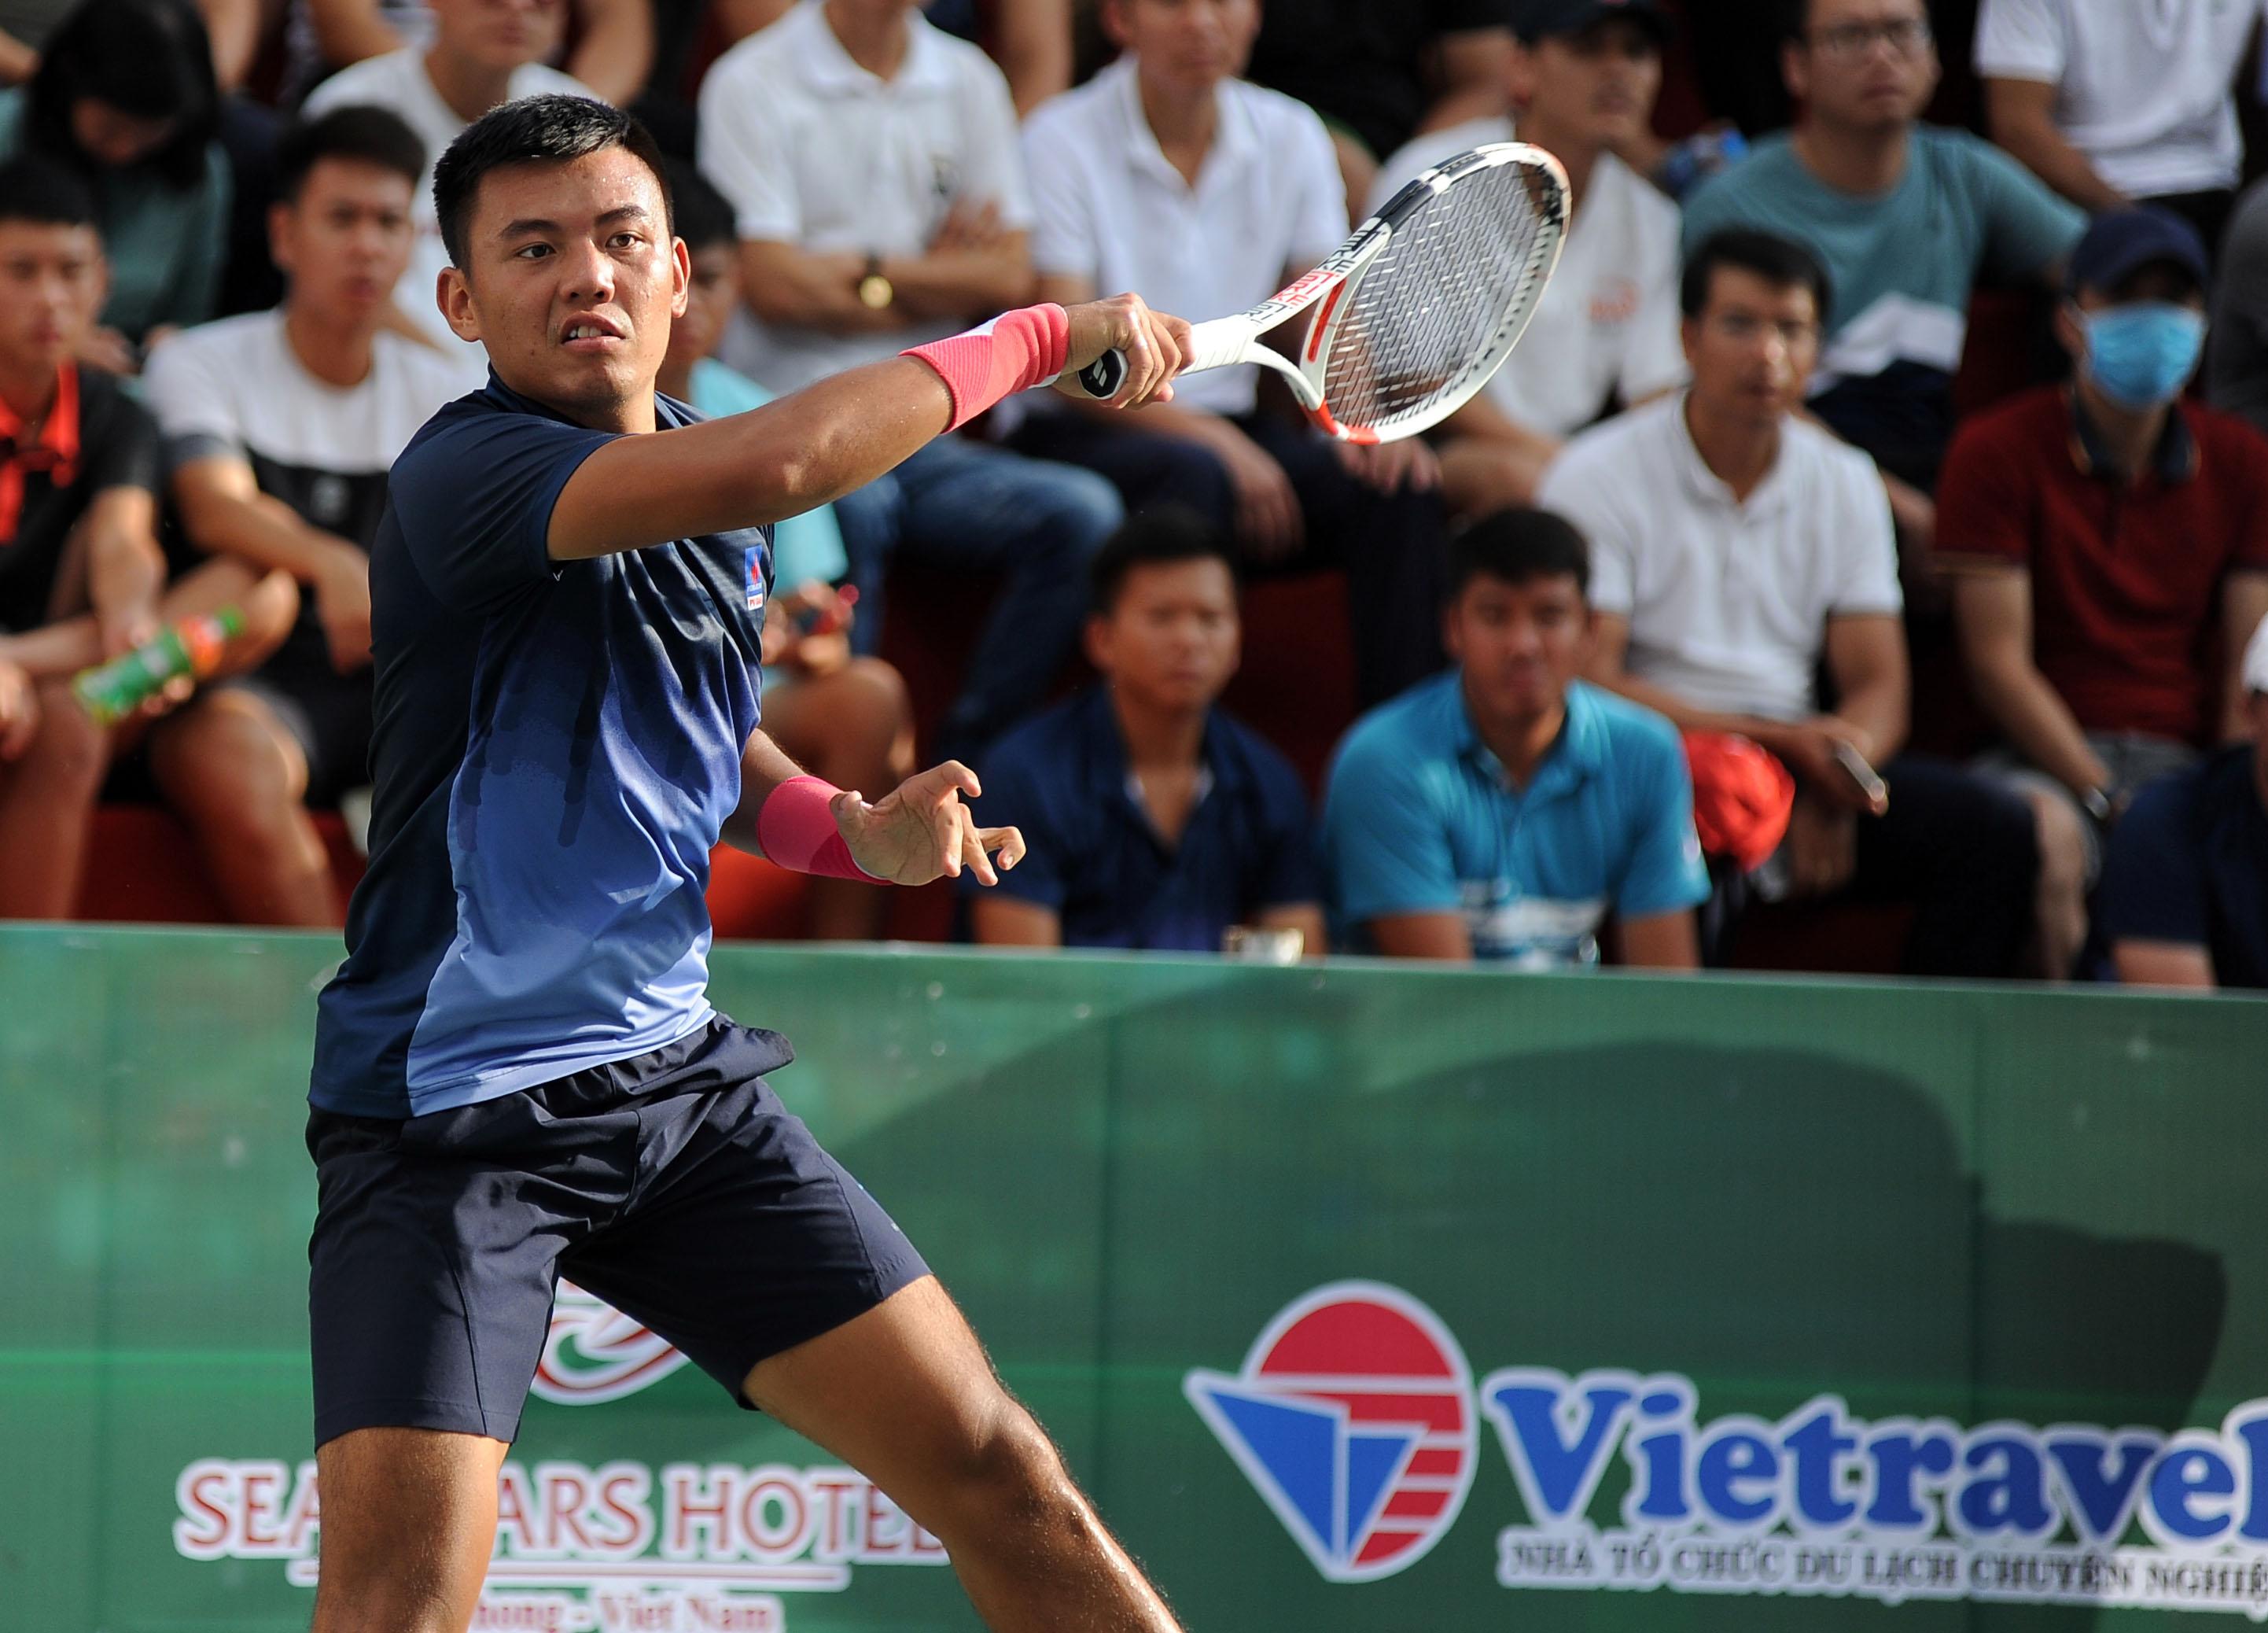 Hình ảnh: VTF Masters 500 – 2 – Lach Tray Cup 2020: Các tay vợt mạnh đều thắng dễ số 2